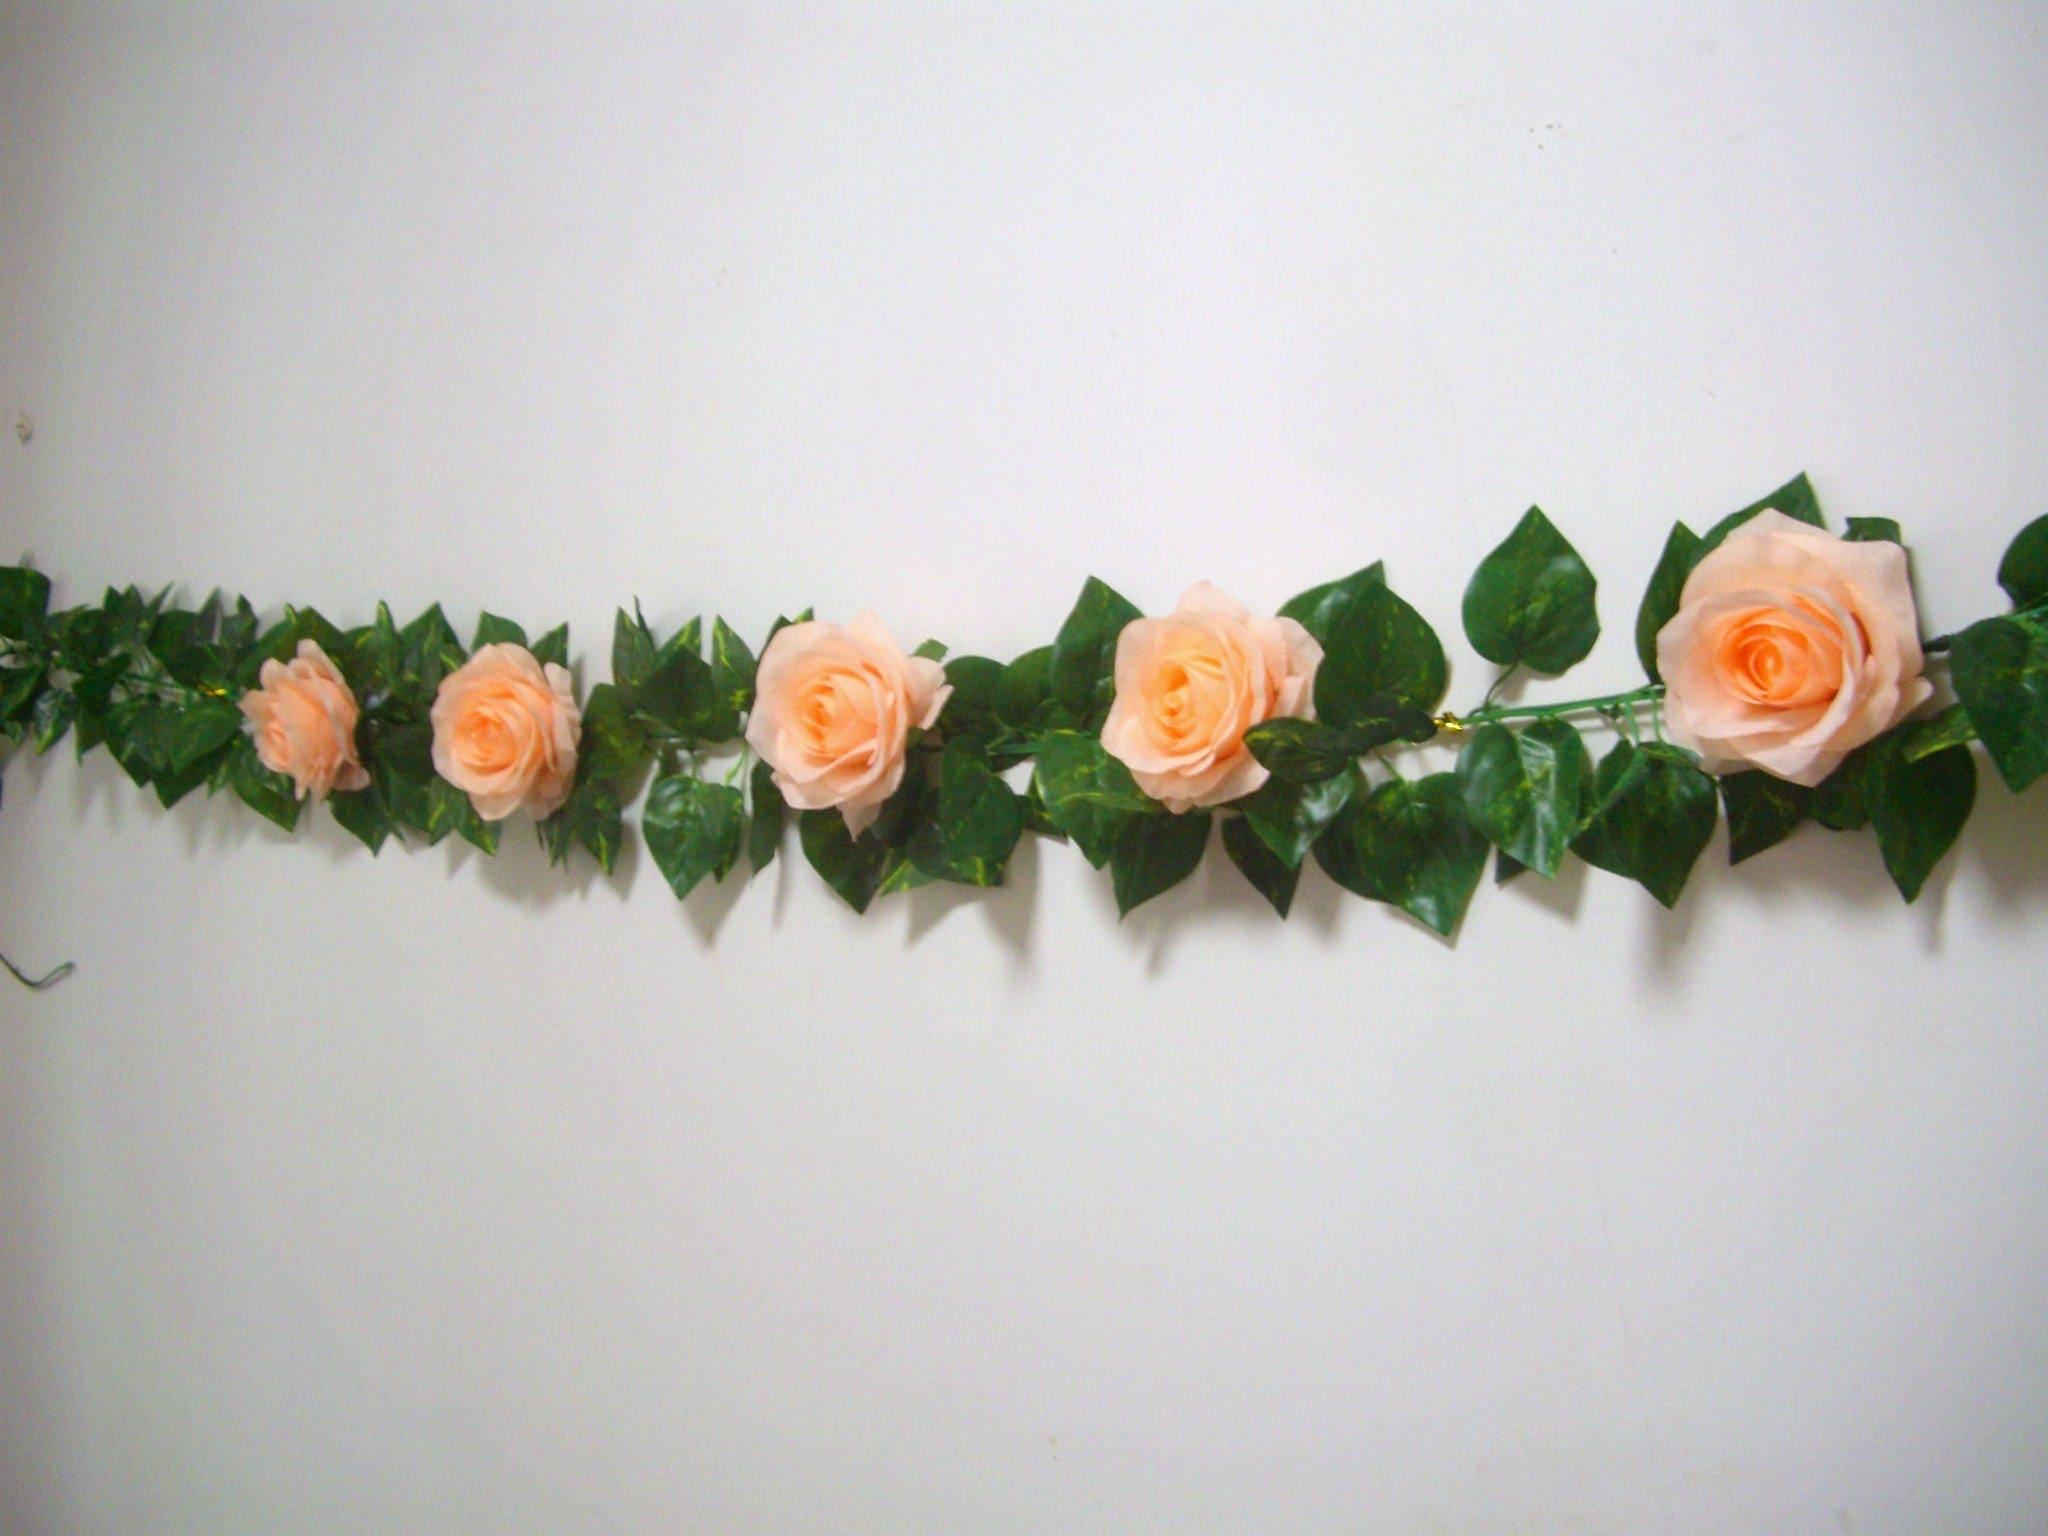 Wedding garlandpeachsilk flower garlandrose garlandwedding arch wedding garlandpeachsilk flower garlandrose garlandwedding arch flower decor mightylinksfo